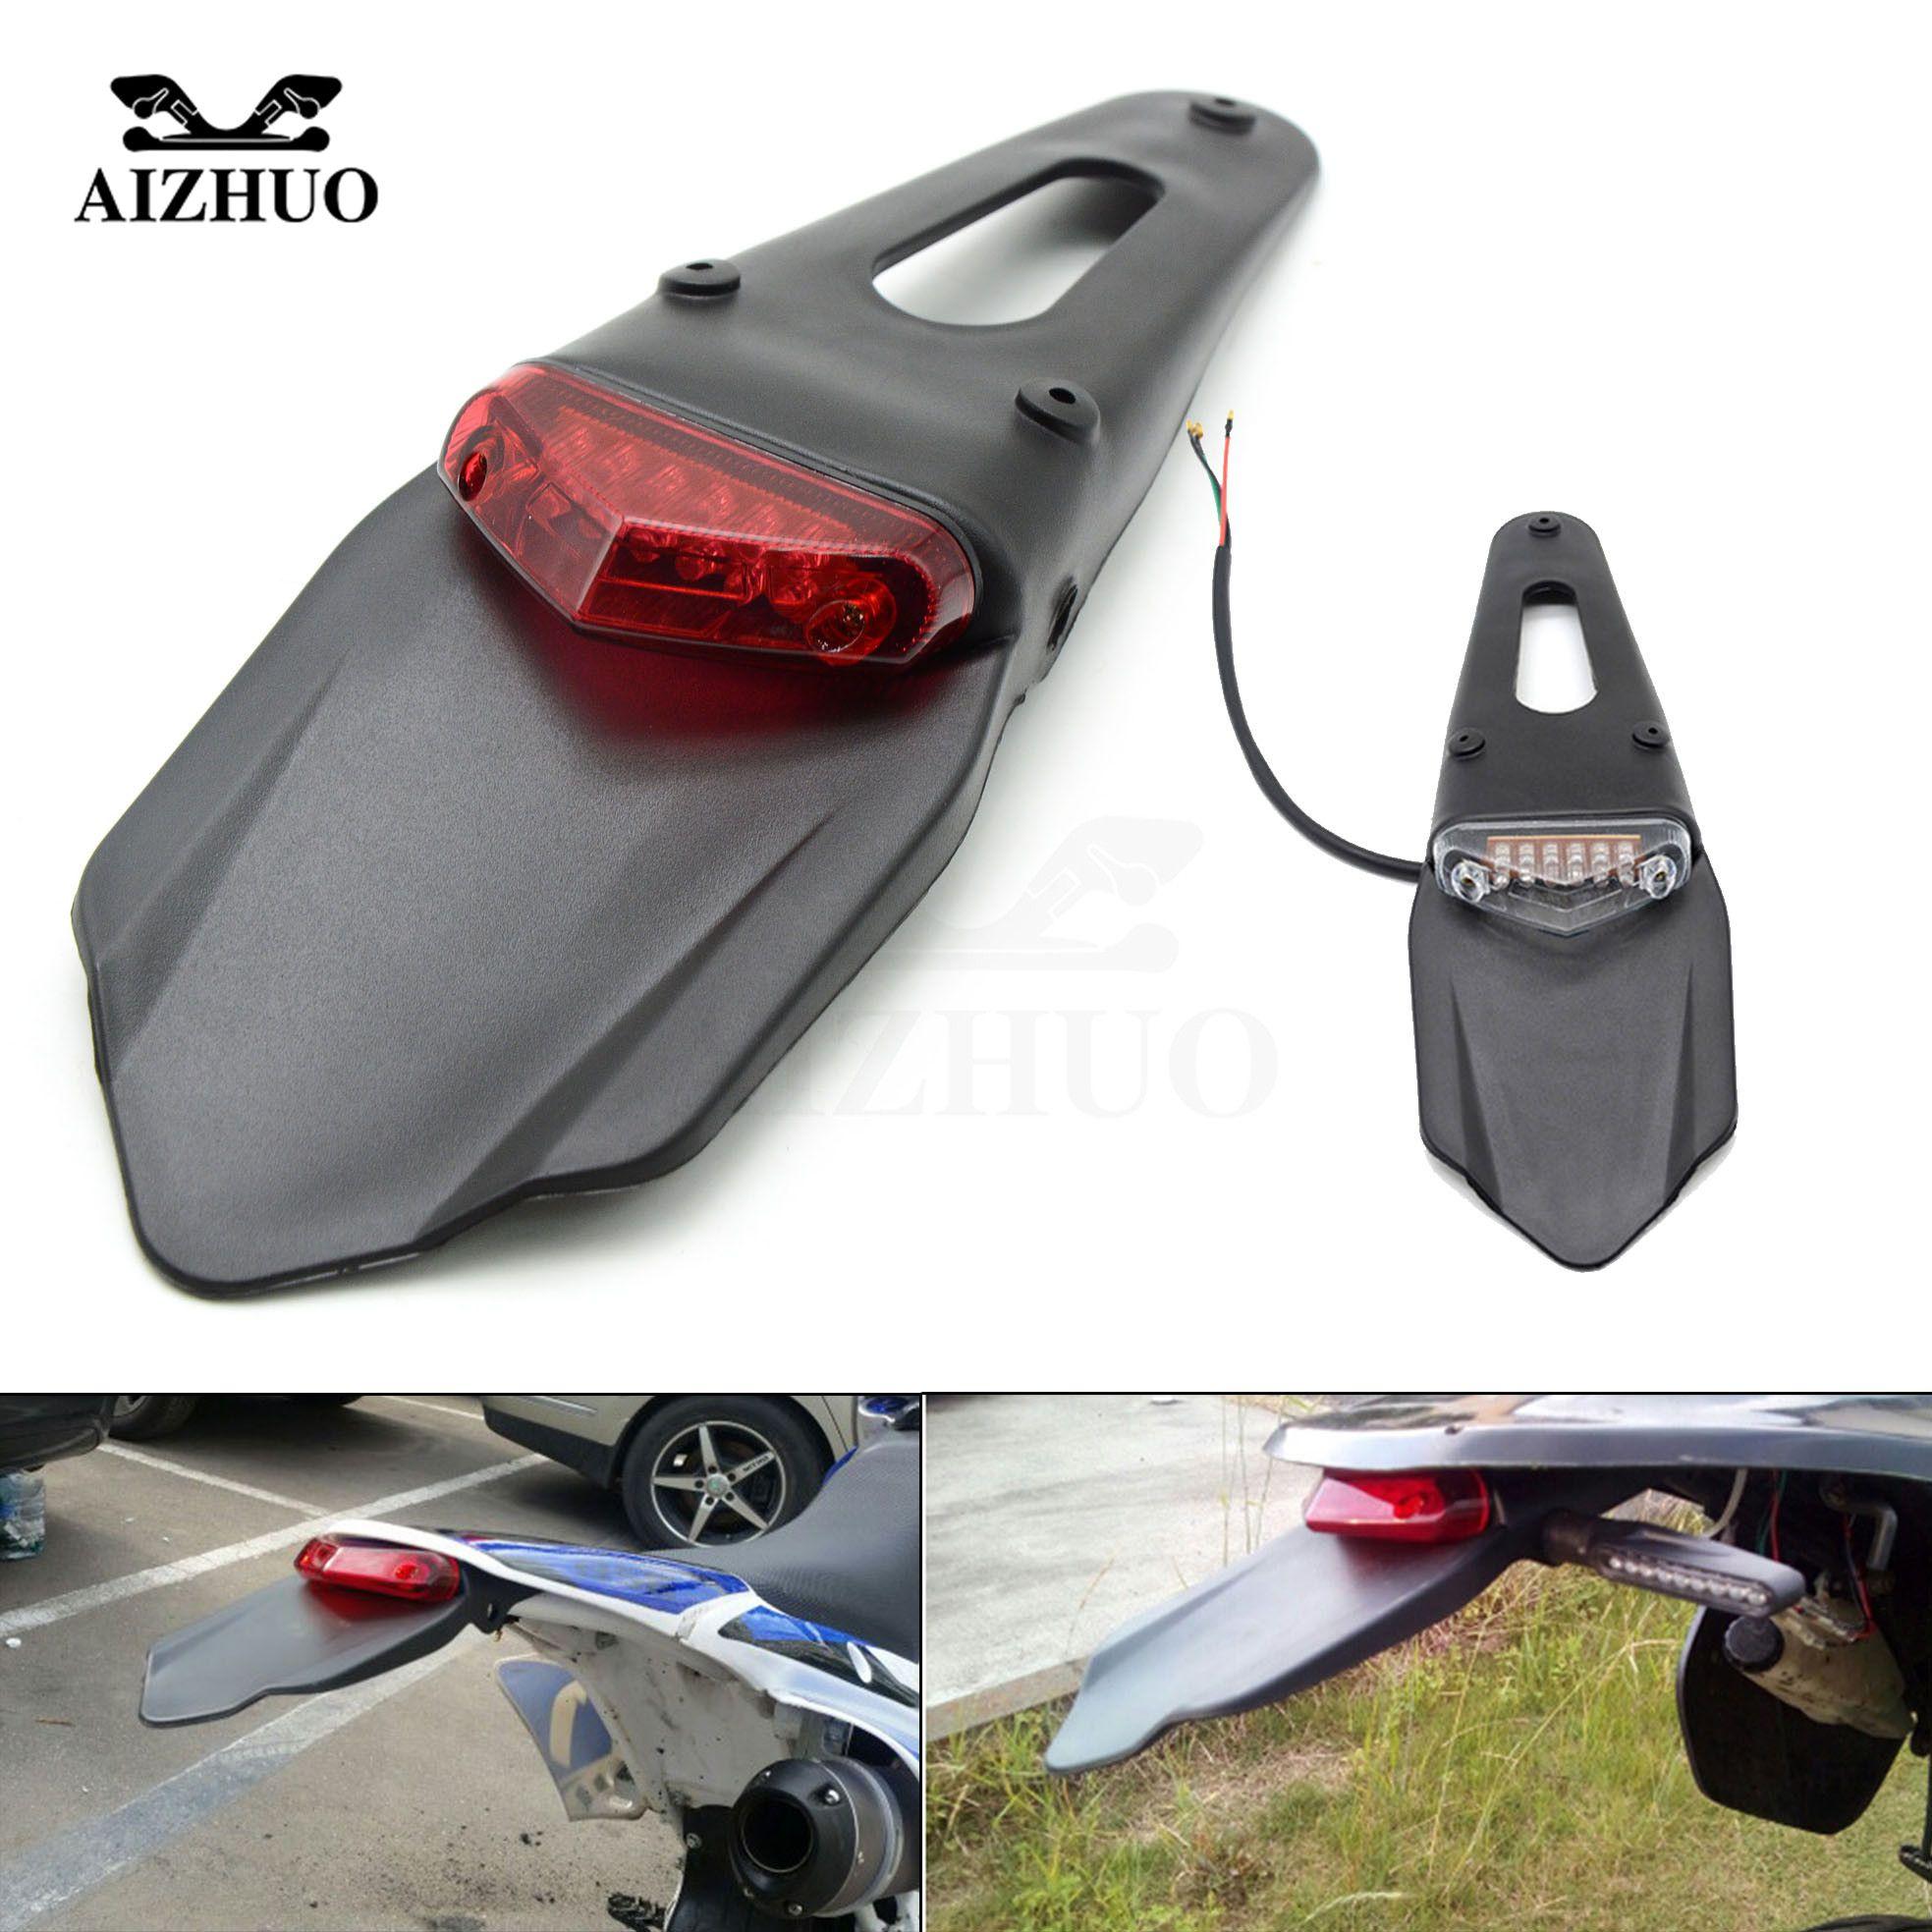 Motorcycle Rear Fender Stop Enduro Taillight Turn Signal for YAMAHA YZ450F YZ250X WR450F WR250R HONDA CR125R CR250R XR650AR